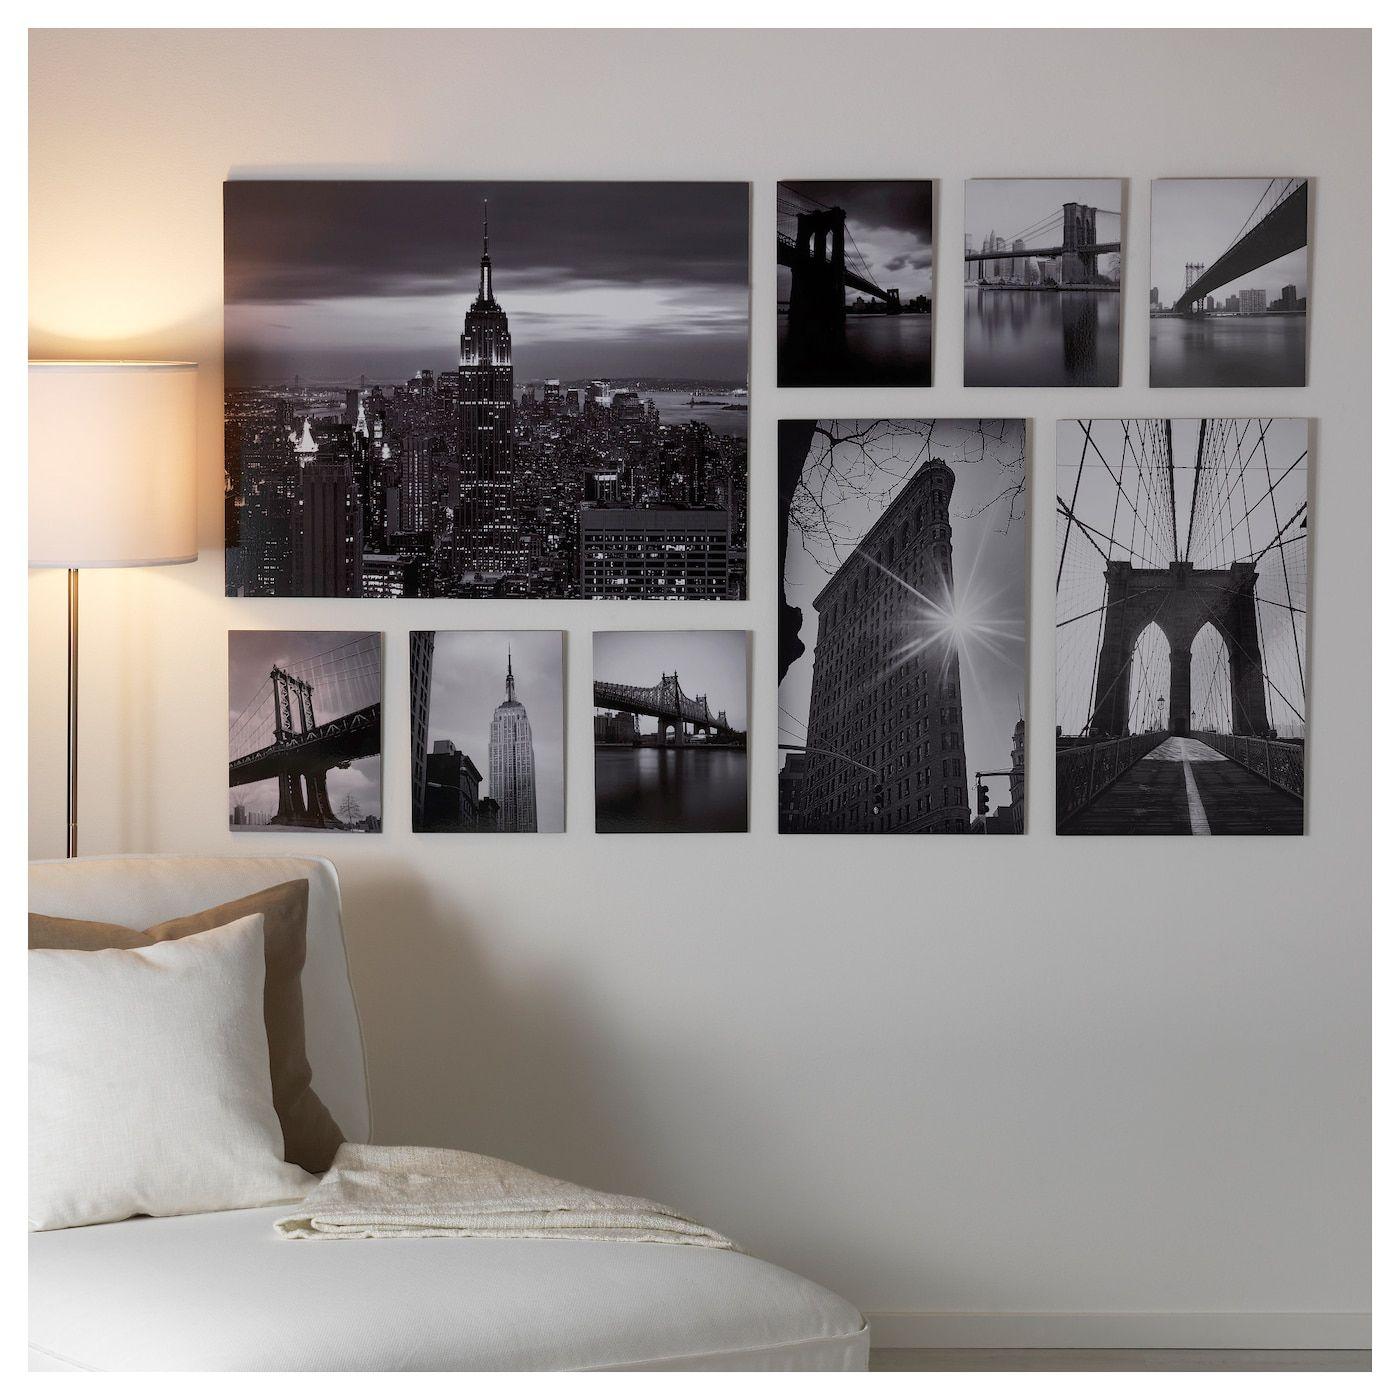 Perfetto per soggiorno e camera da letto, è leggero e robusto, adatto al salotto, cucina o ufficio. Ikea Tuotteet